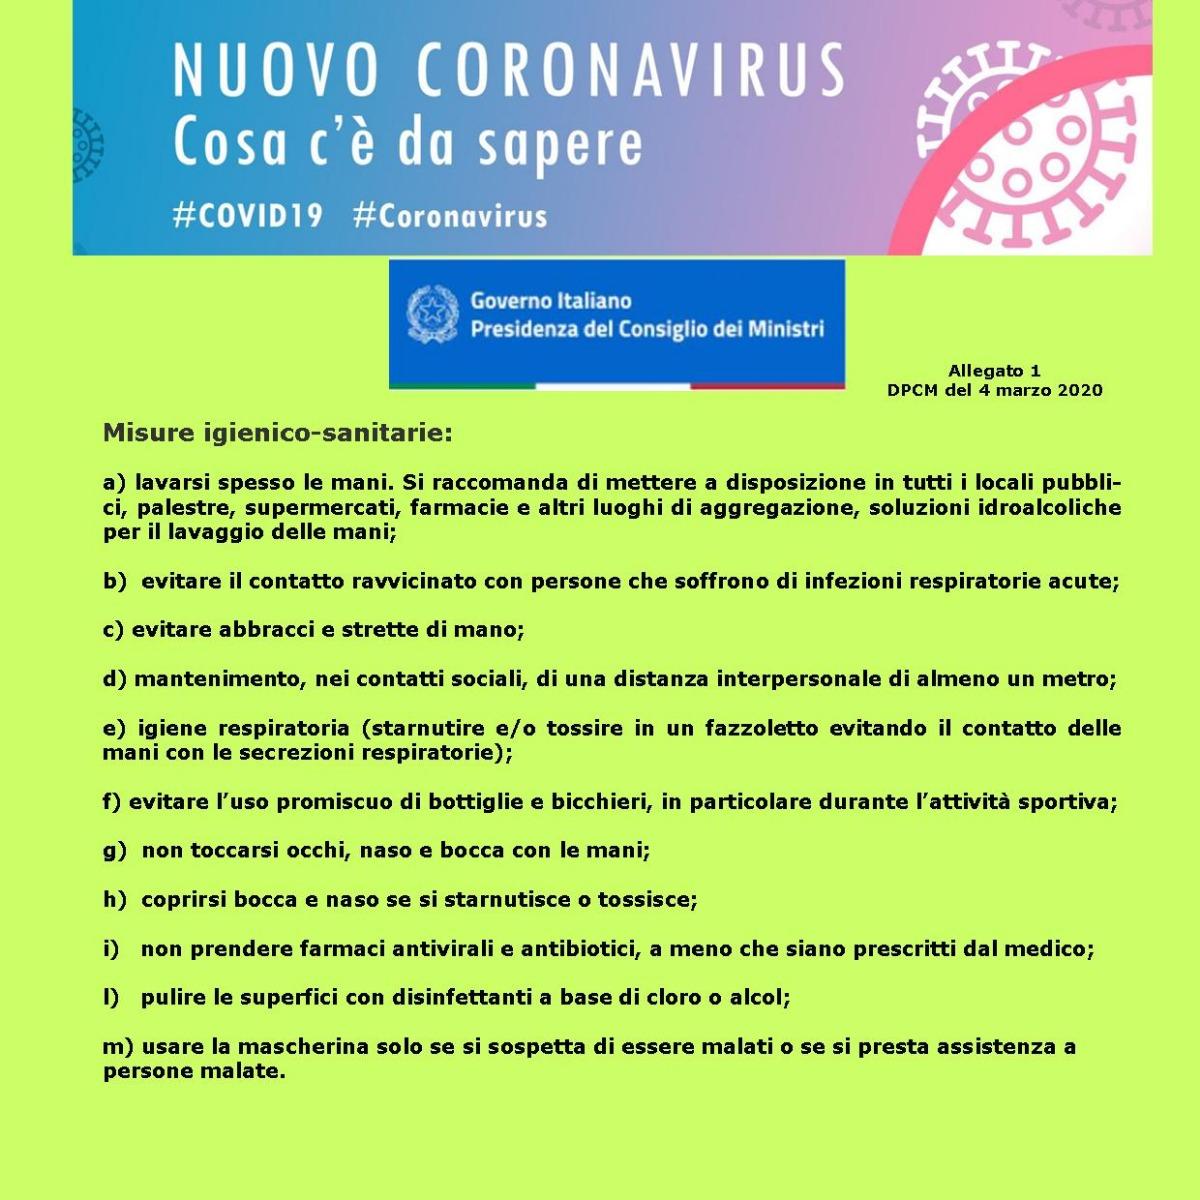 COVID 19 -Misure igienico-sanitarie